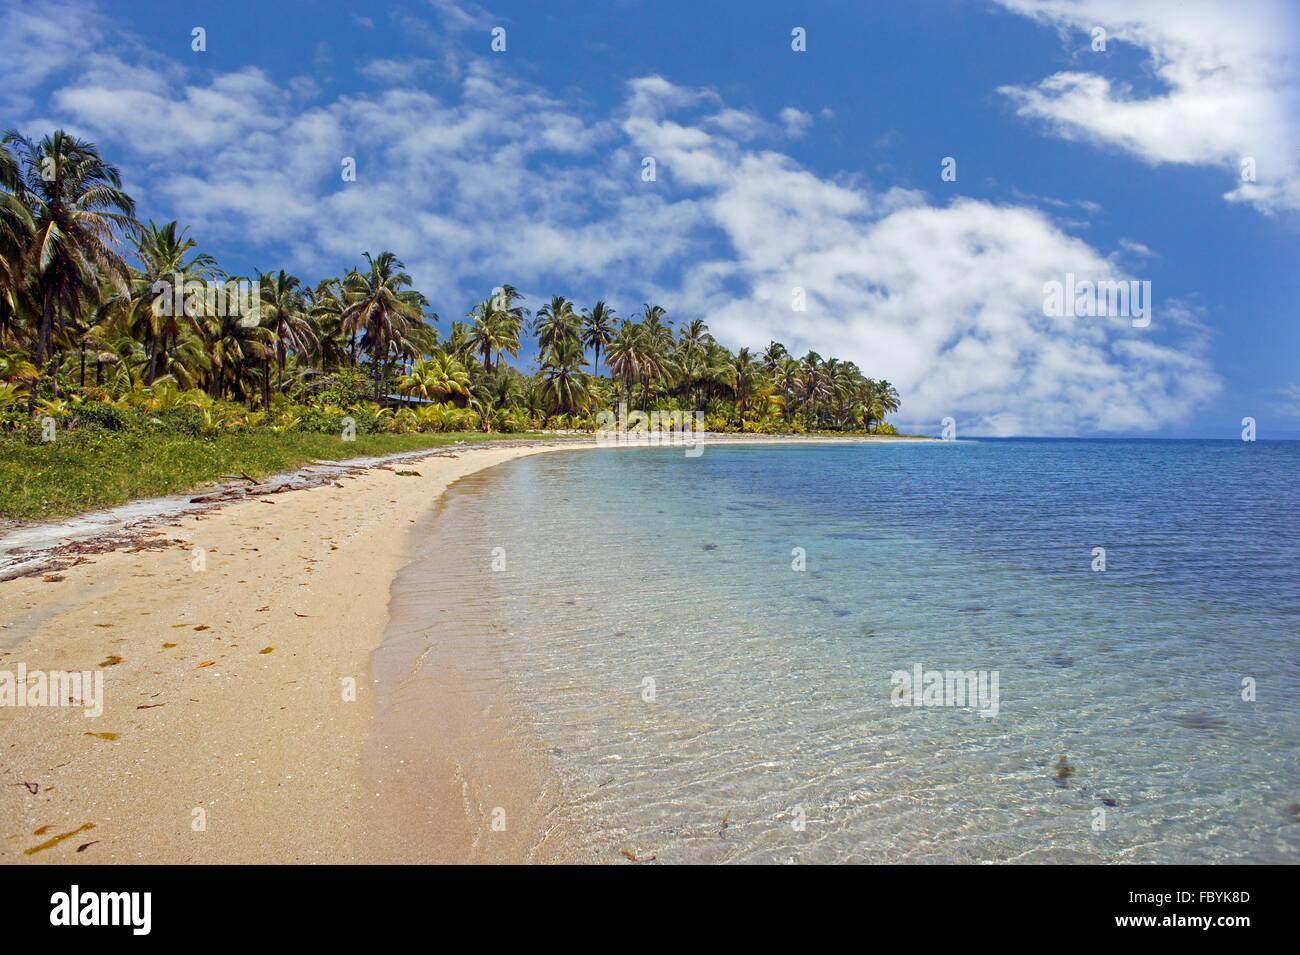 Impresiones de costa rica Imagen De Stock